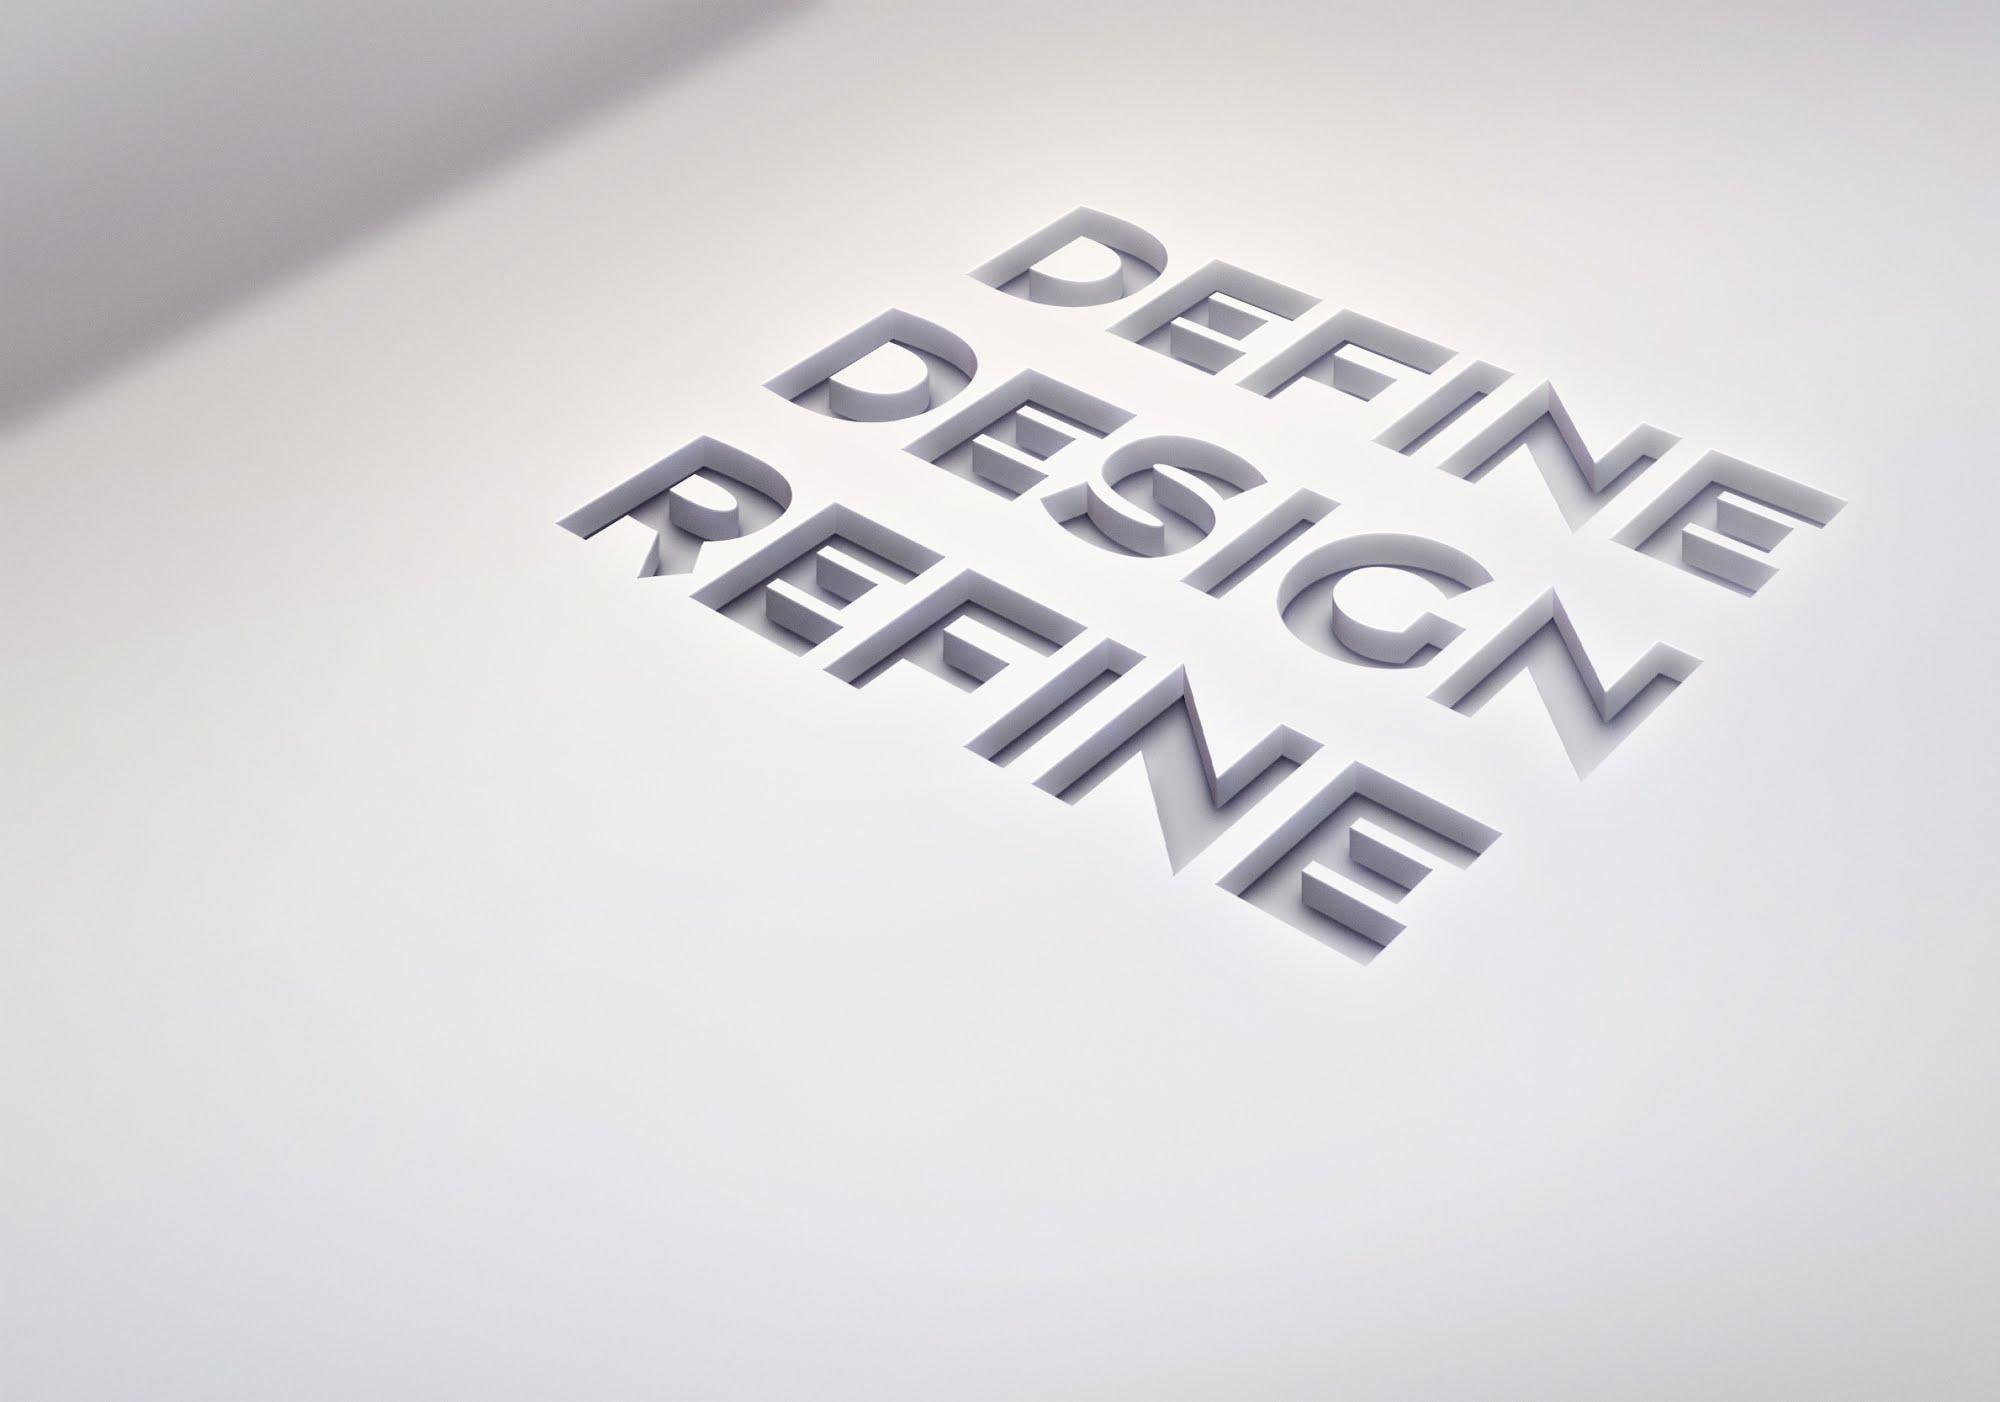 My Graphic Design Portfolio